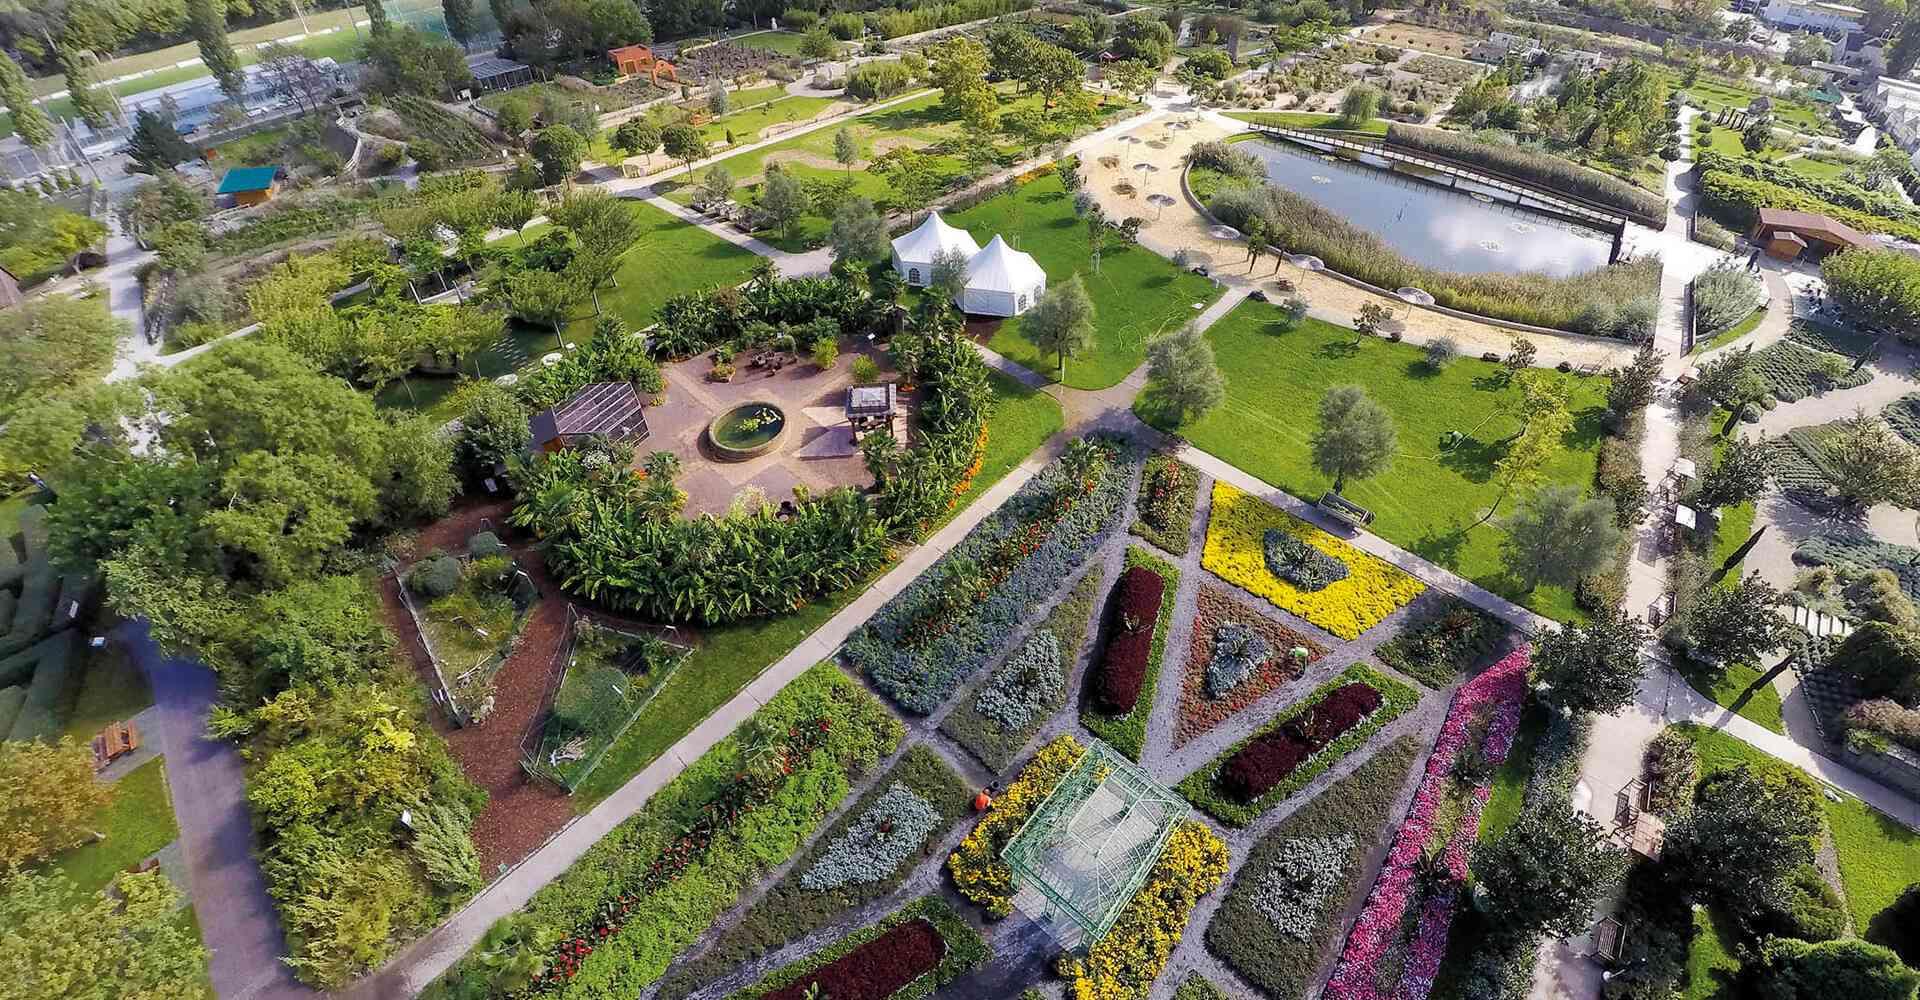 Die Blumengärten laden zum Entspannen ein und bieten Anregungen für die eigene Gartengestaltung.